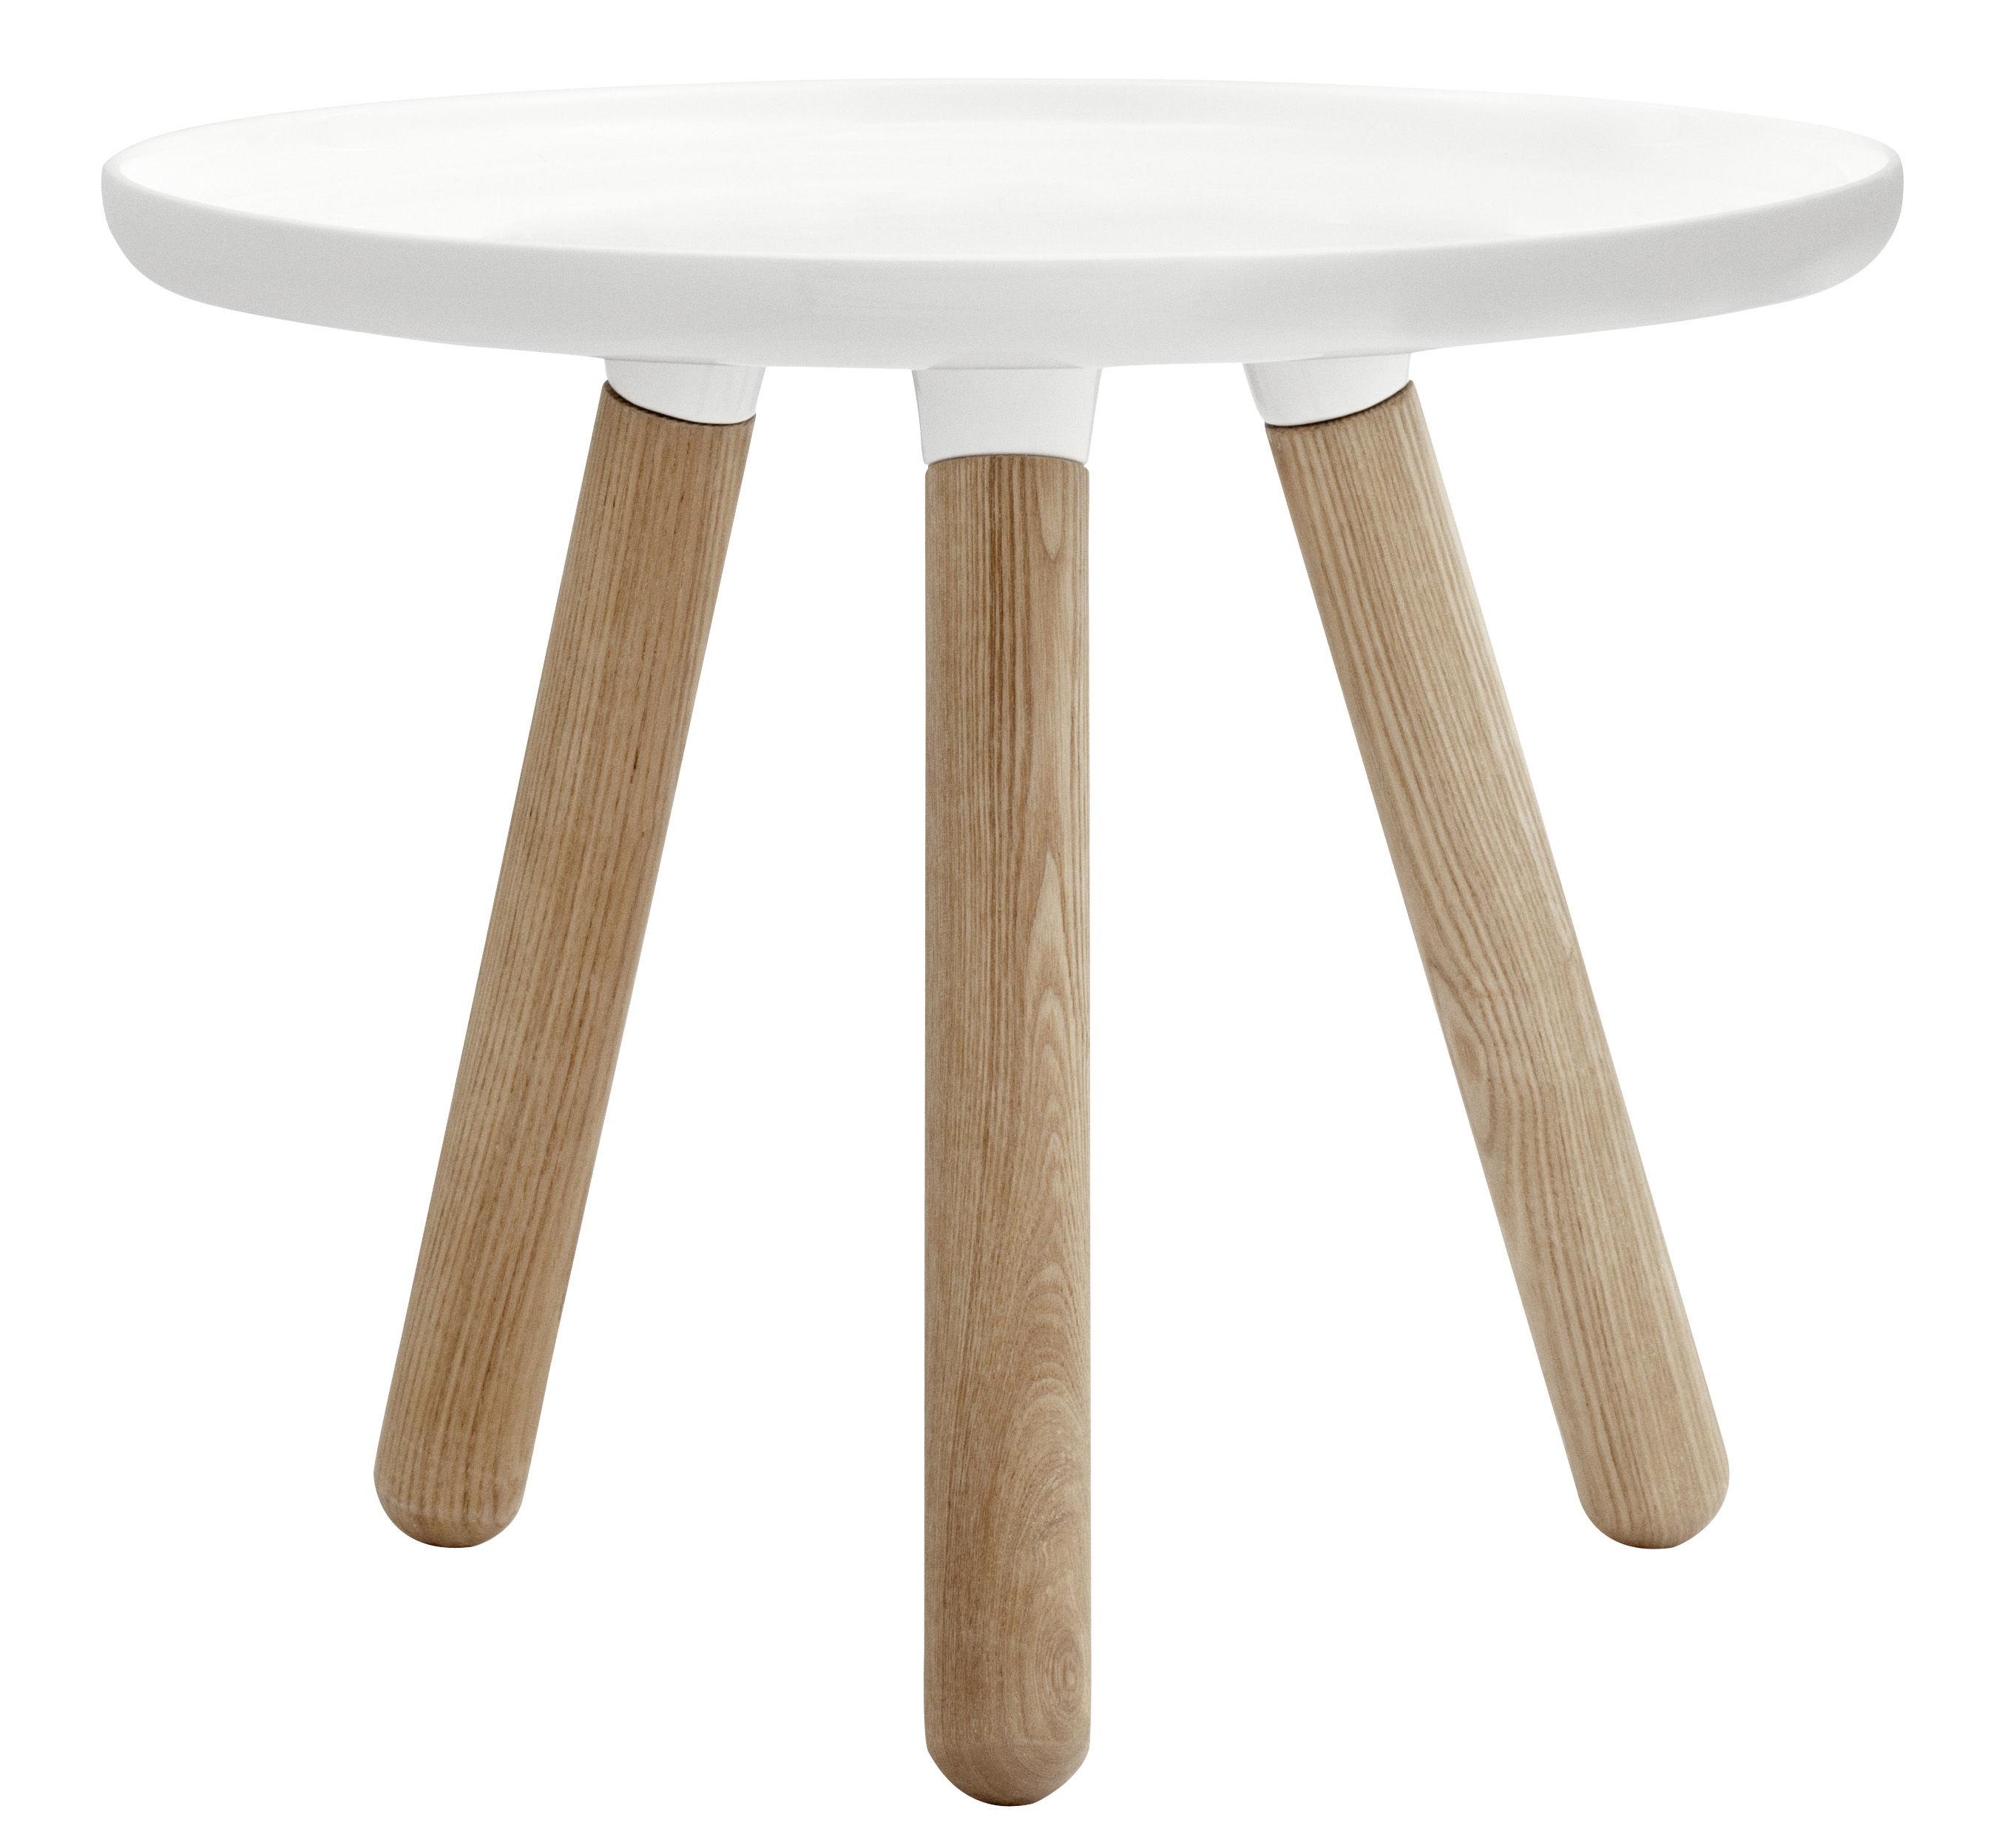 Mobilier - Tables basses - Table basse Tablo Small / Ø 50 cm - Normann Copenhagen - Blanc - Frêne naturel, Matériau composite